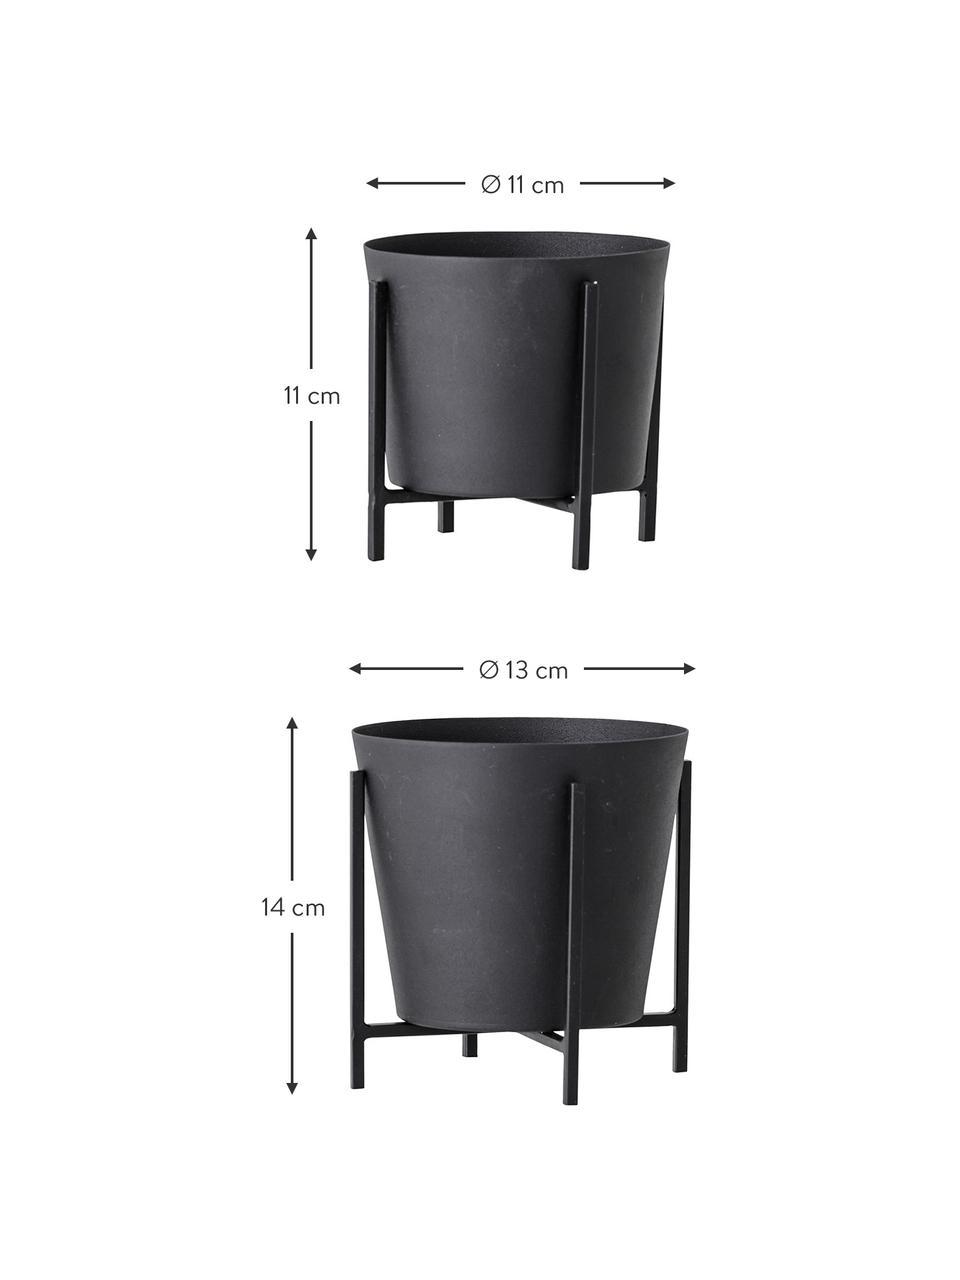 Übertöpfe-Set Kuma, 2-tlg., Metall, Schwarz, Sondergrößen